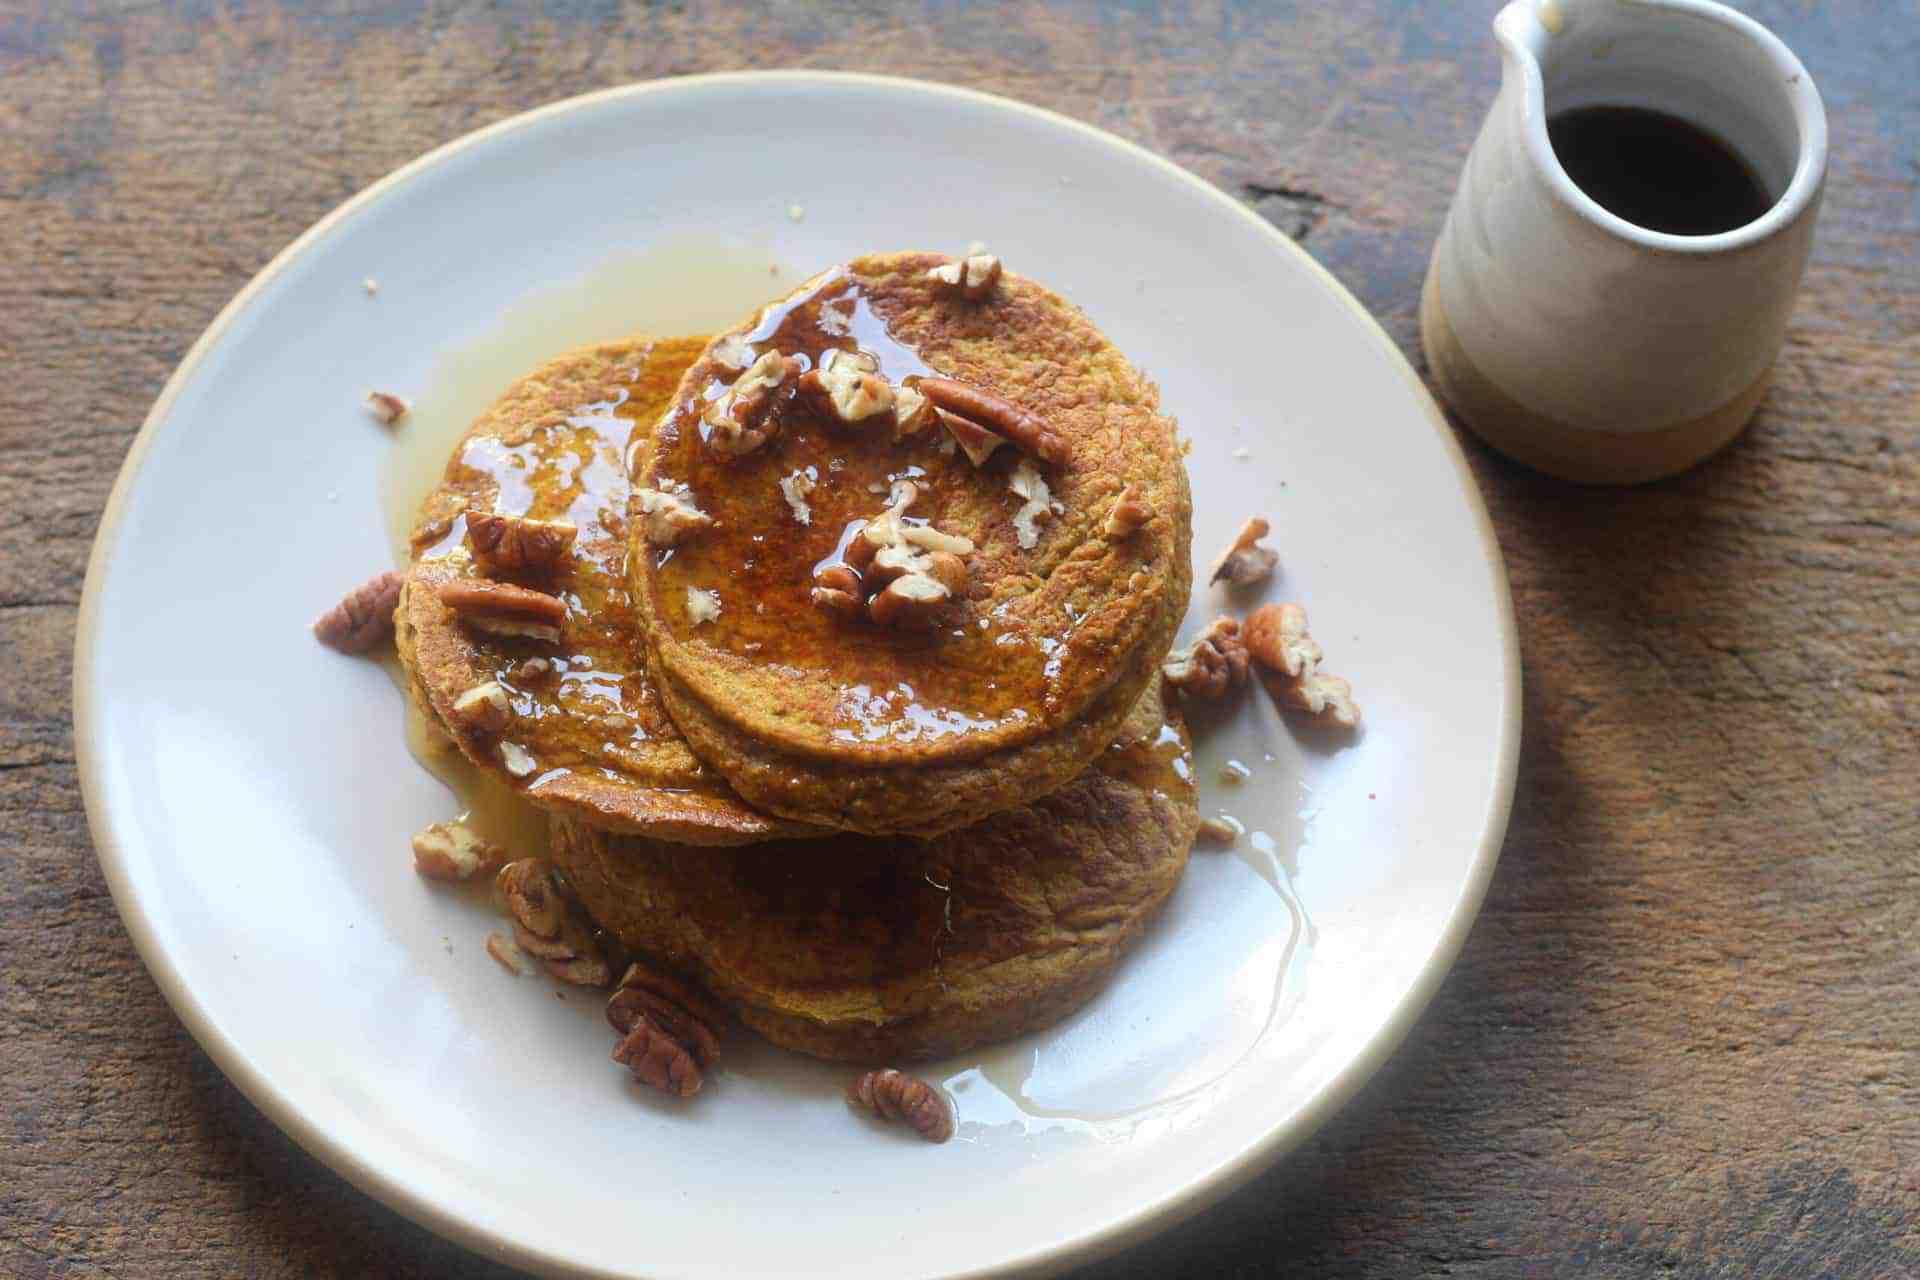 Breakfast, Pumpkin, Fall, Quick & Easy, Blender, Gluten-Free, Mediterranean, Mediterranean diet